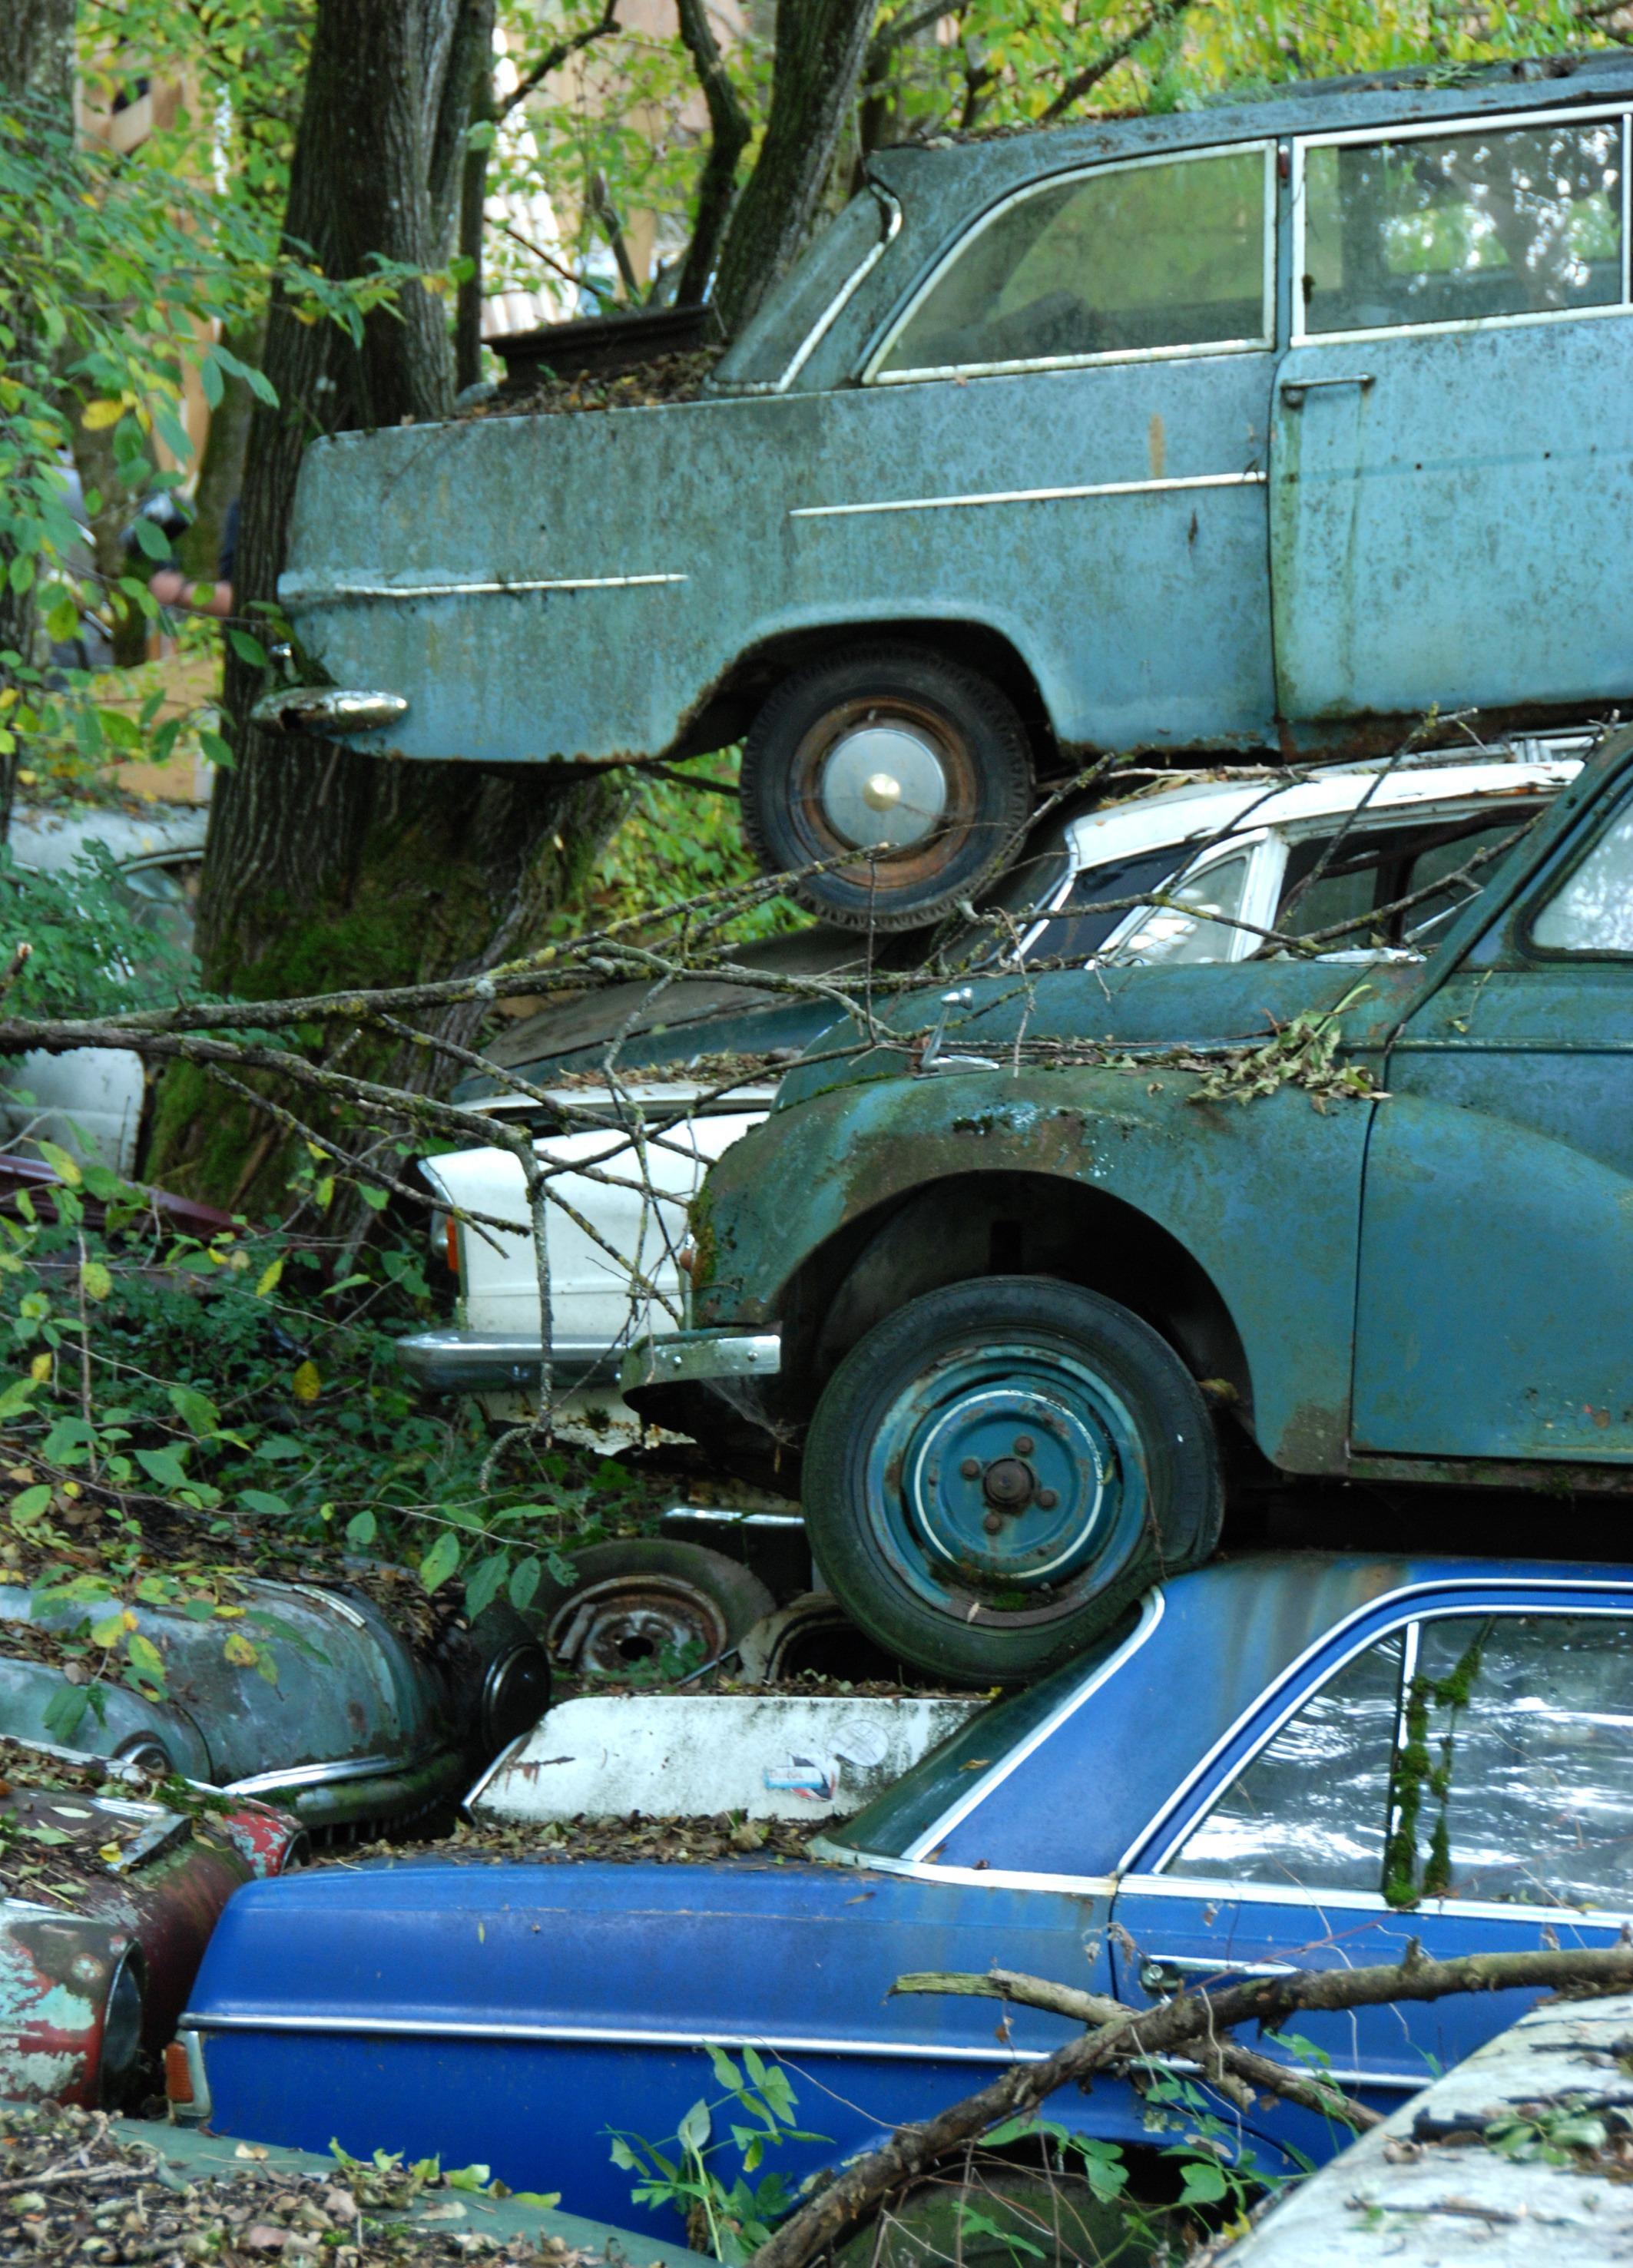 Fotoğraf Eski Araç Bellek Yıpranmış Eski Araba Tarih Bitti